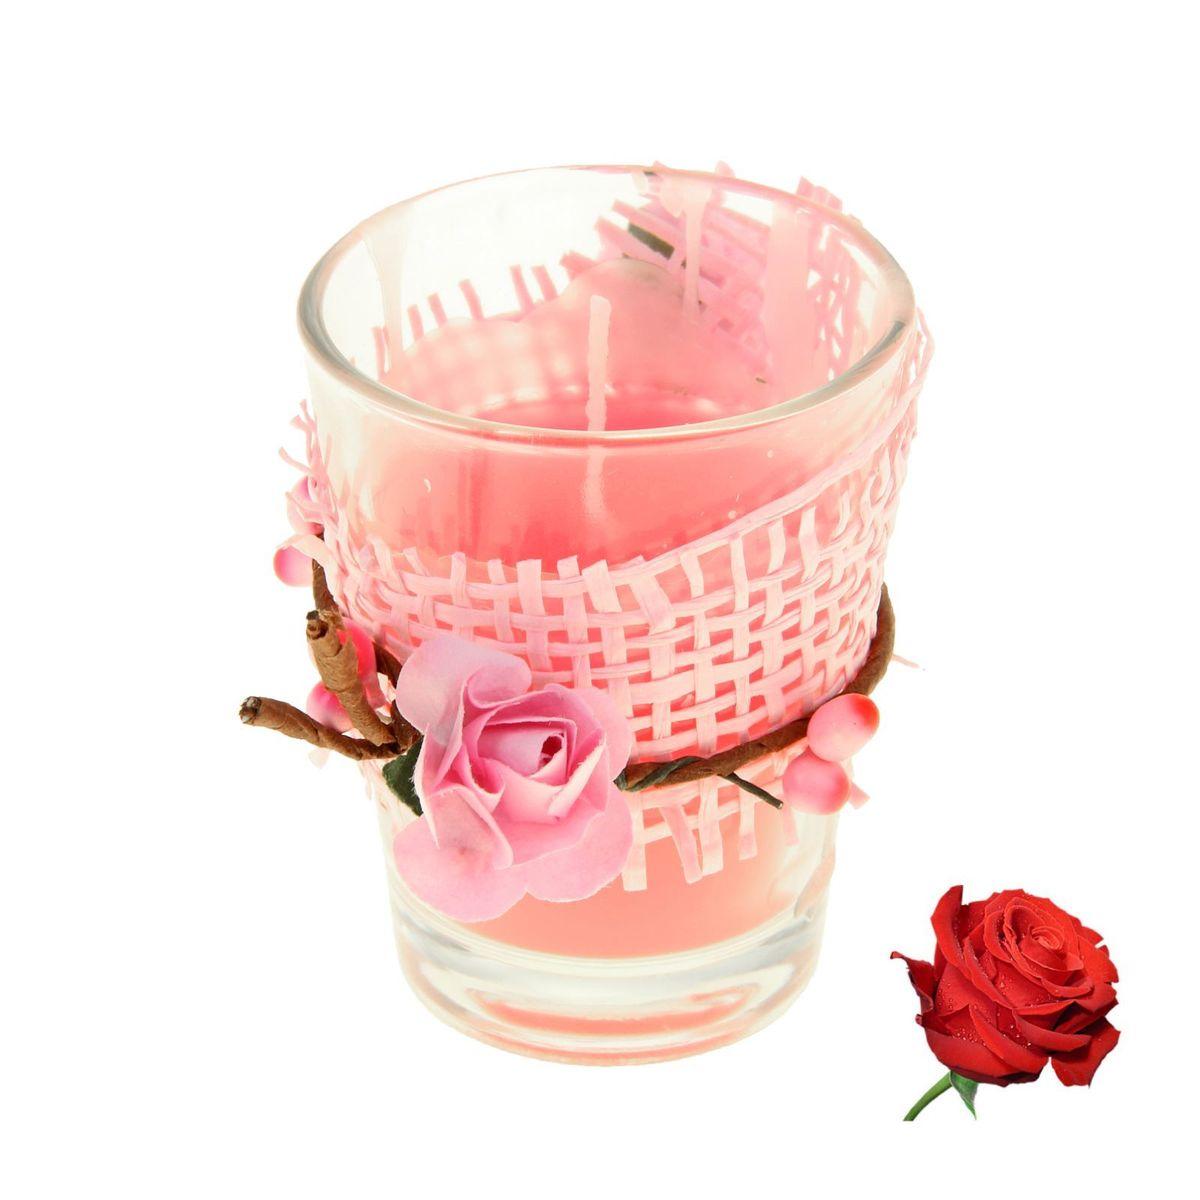 Свеча ароматизированная Sima-land Влечение. Роза, высота 6 см896686Ароматизированная свеча Sima-land Влечение. Роза изготовлена из воска и поставляется в подсвечнике в виде стеклянного стакана, оформленного декоративным элементом. Изделие отличается оригинальным дизайном и приятным ароматом. Такая свеча может стать отличным подарком или создаст незабываемую атмосферу праздника в вашем доме. Диаметр свечи по верхнему краю: 4,5 см.